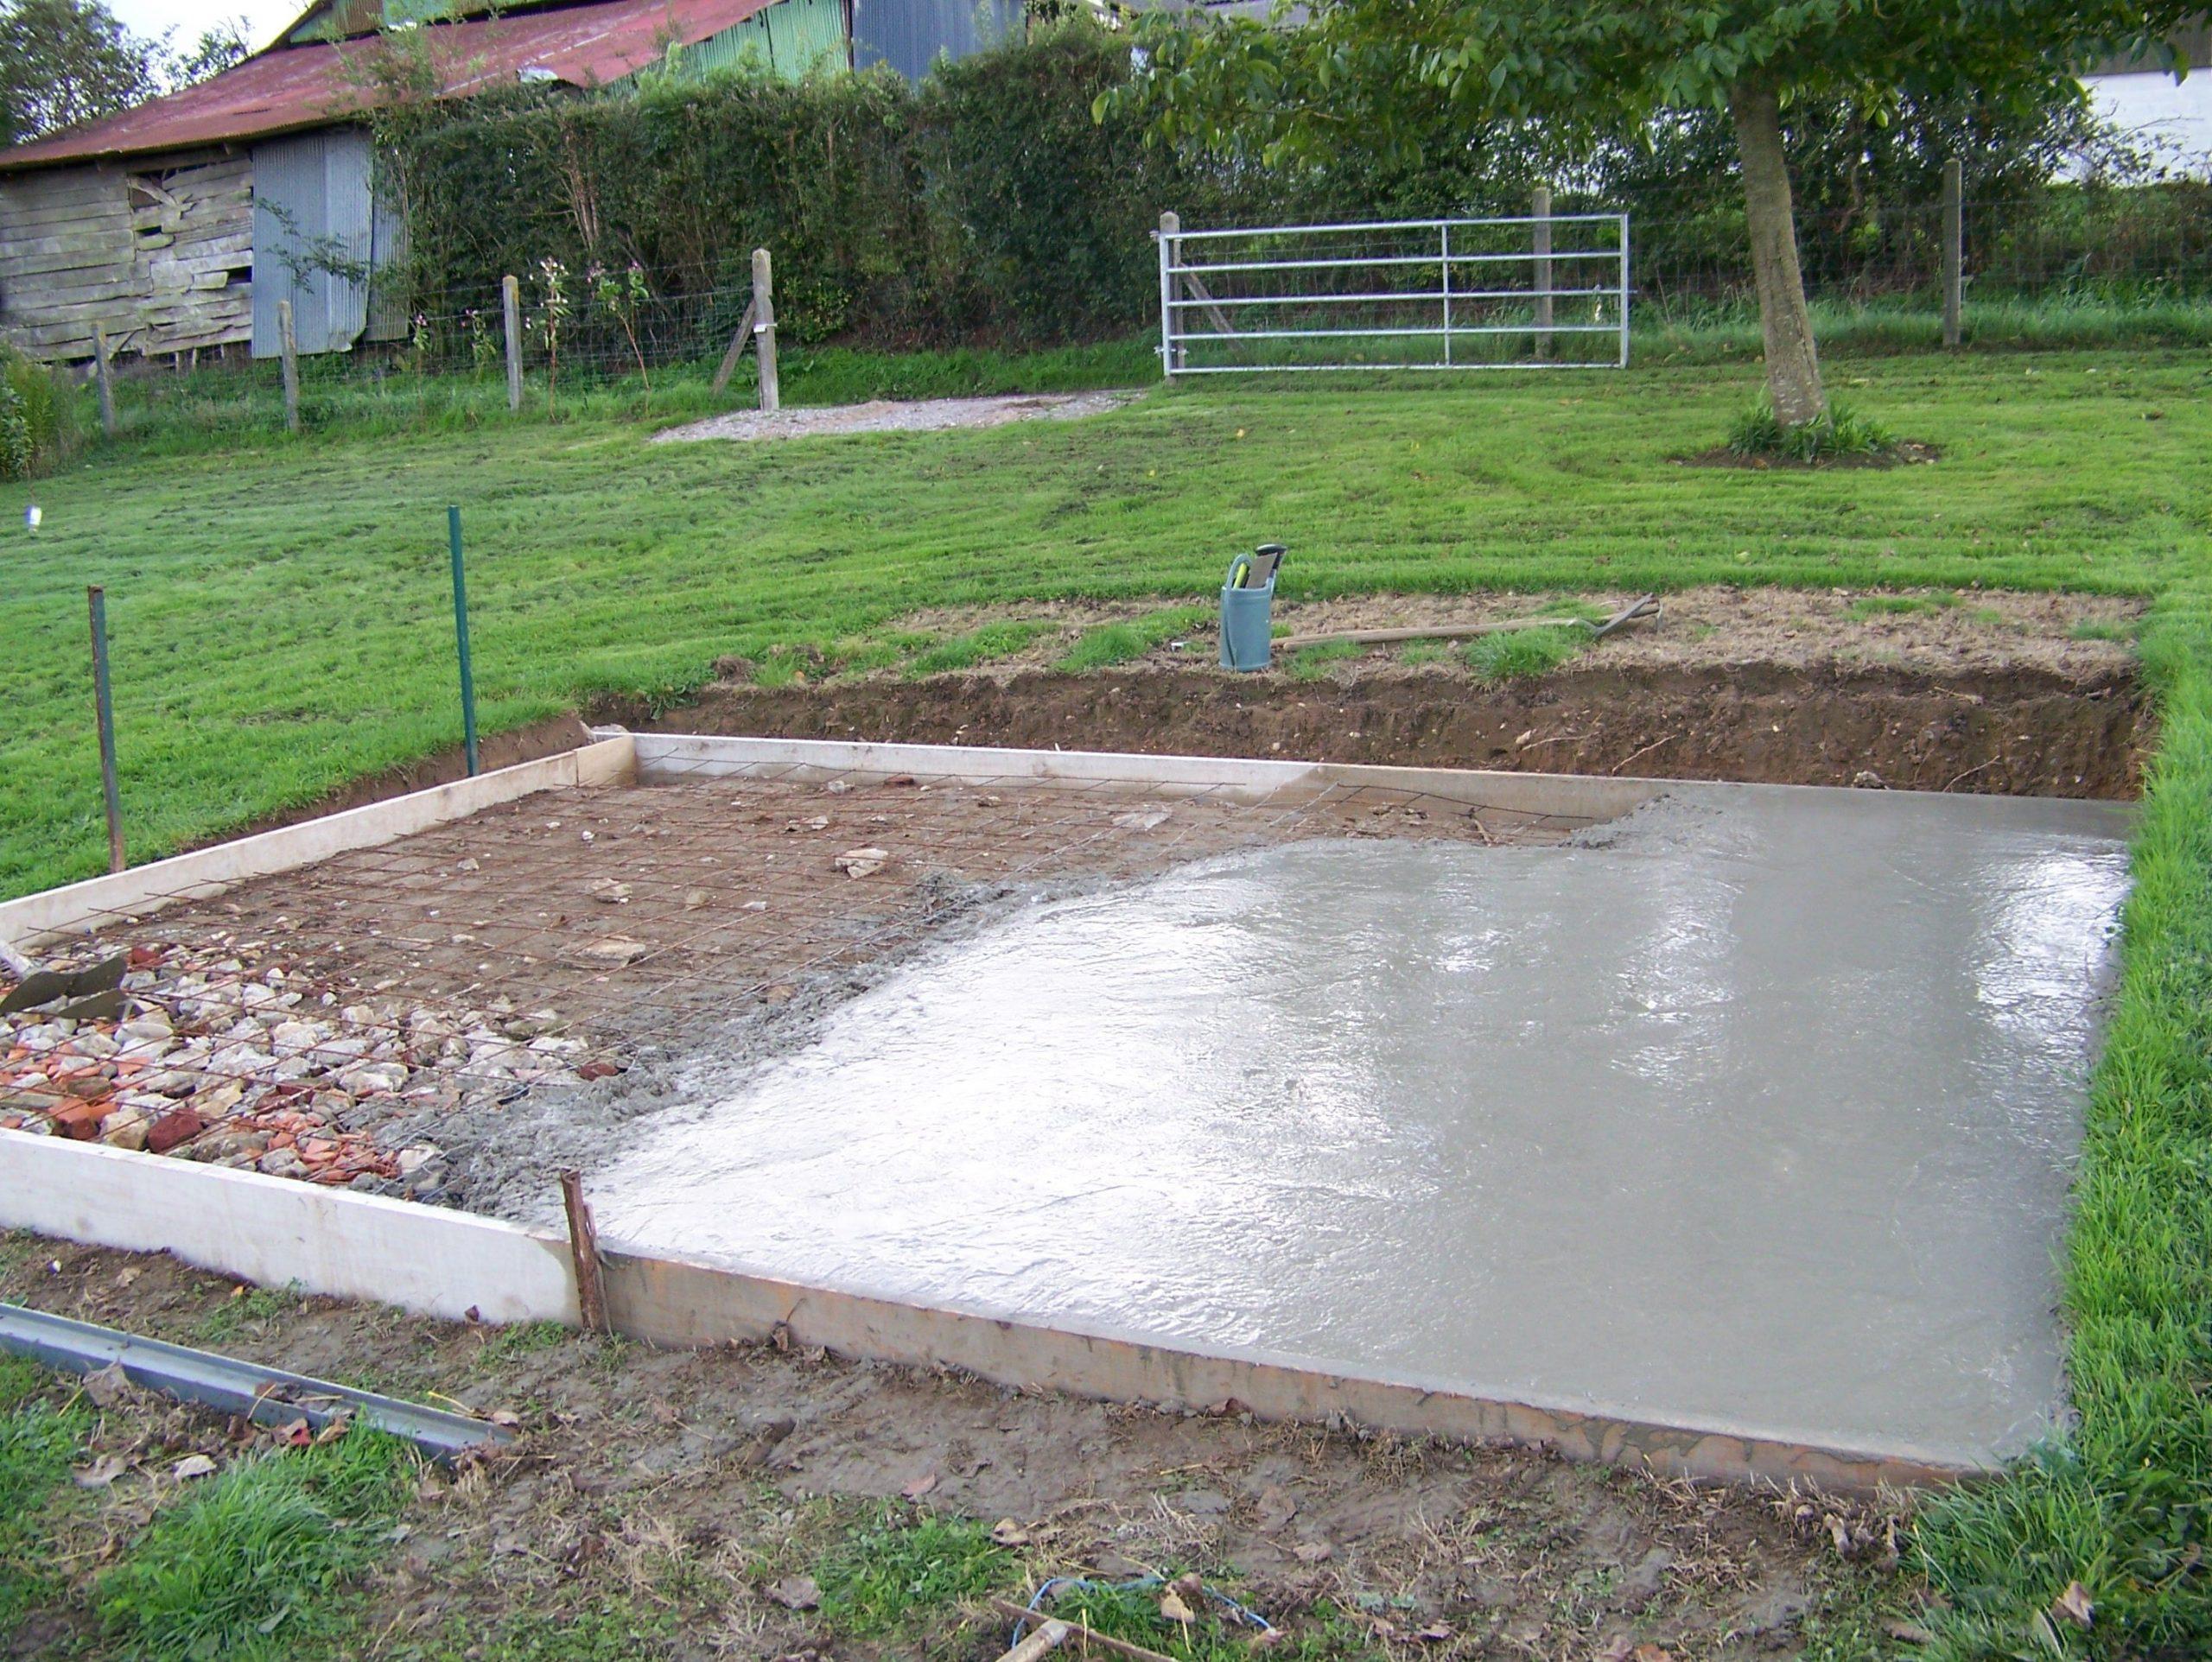 Comment Faire Une Dalle En Béton Pour Un Abri De Jardin? encequiconcerne Fondation Abri De Jardin